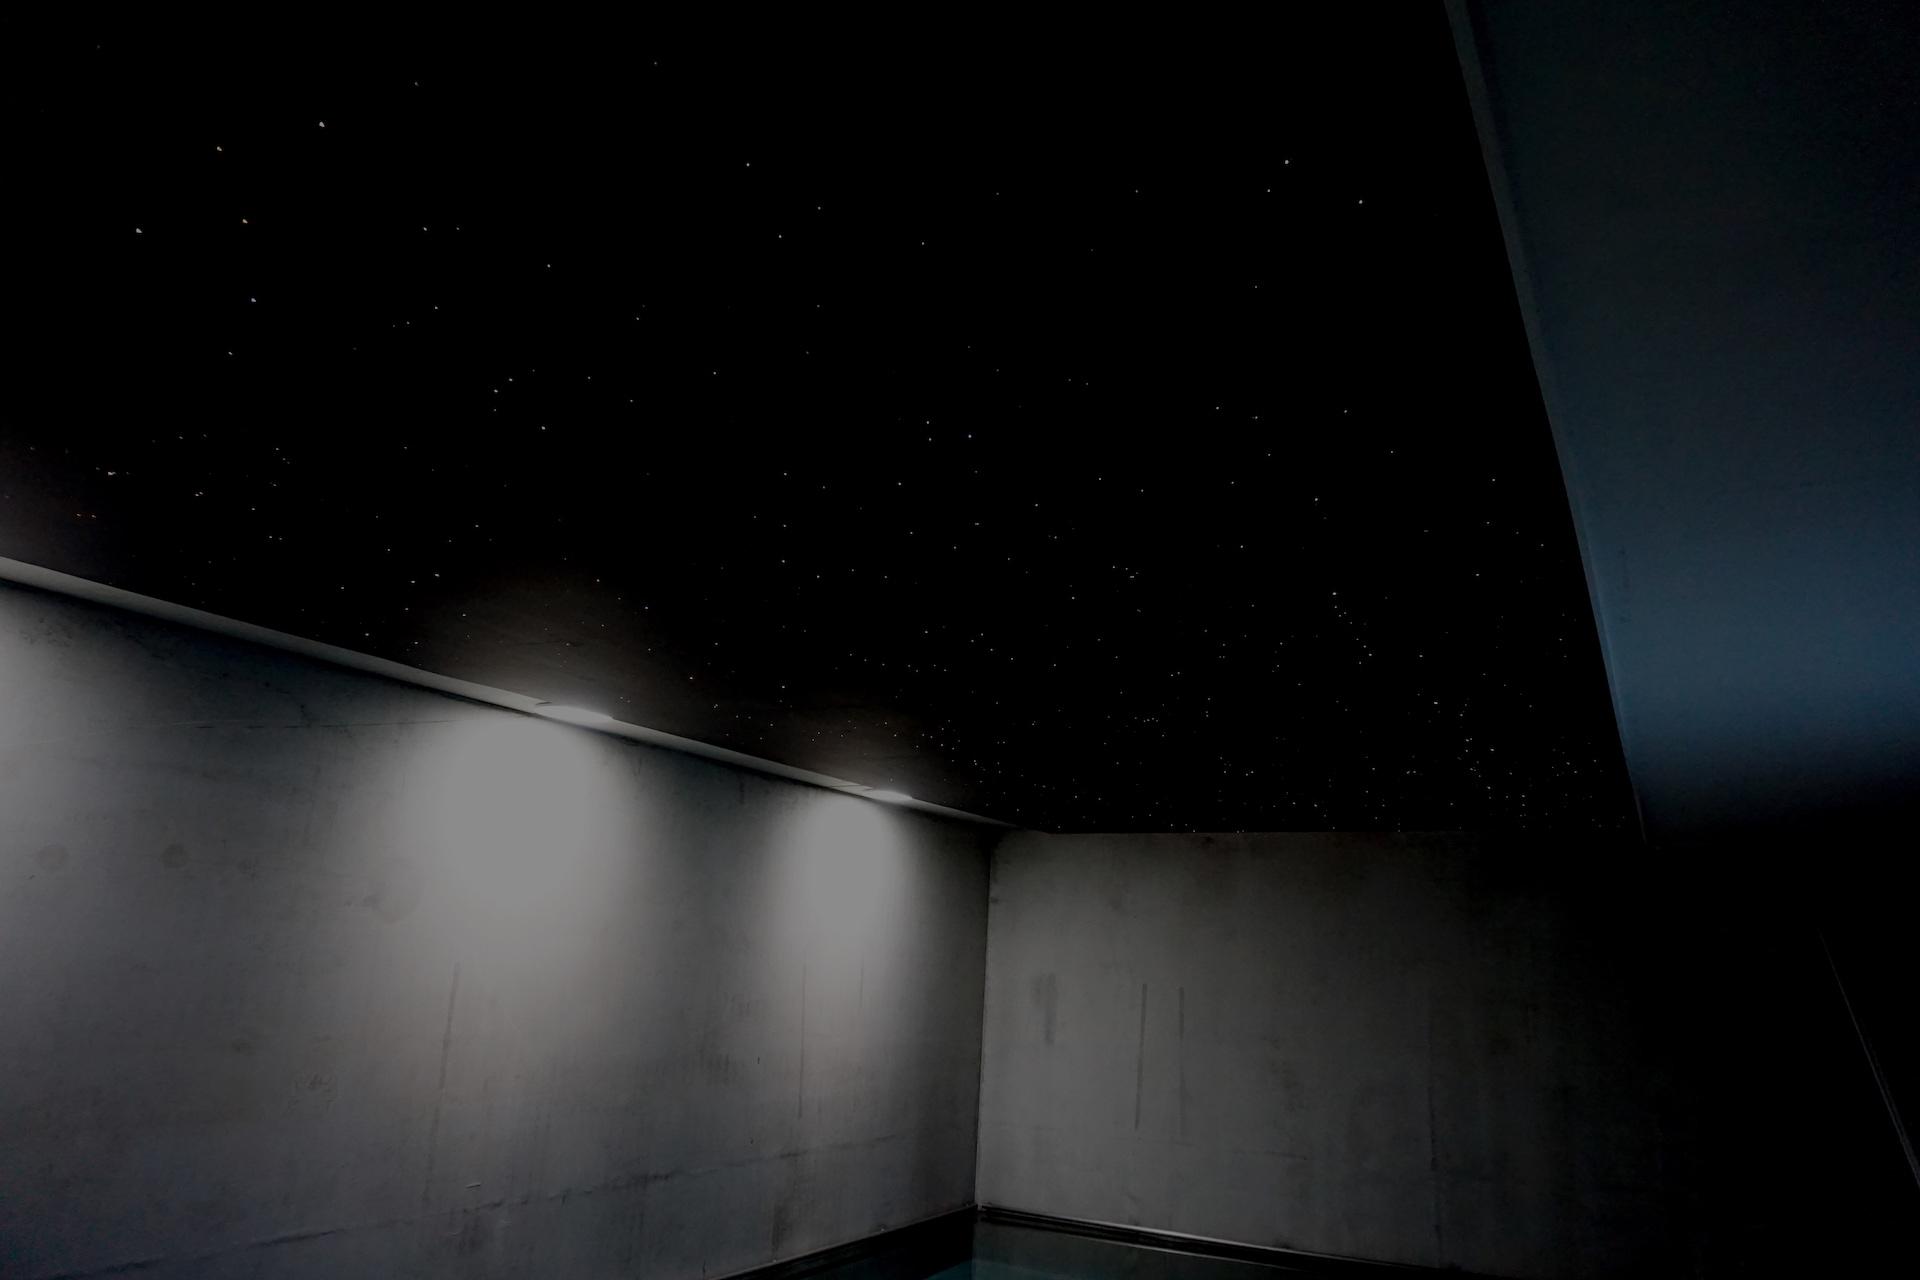 plafond ciel étoilé piscine etoile fibre optic led salle de bain sauna spa chambre mycosmos voies lactées etoiler etoiles filantes voie lactee photos image